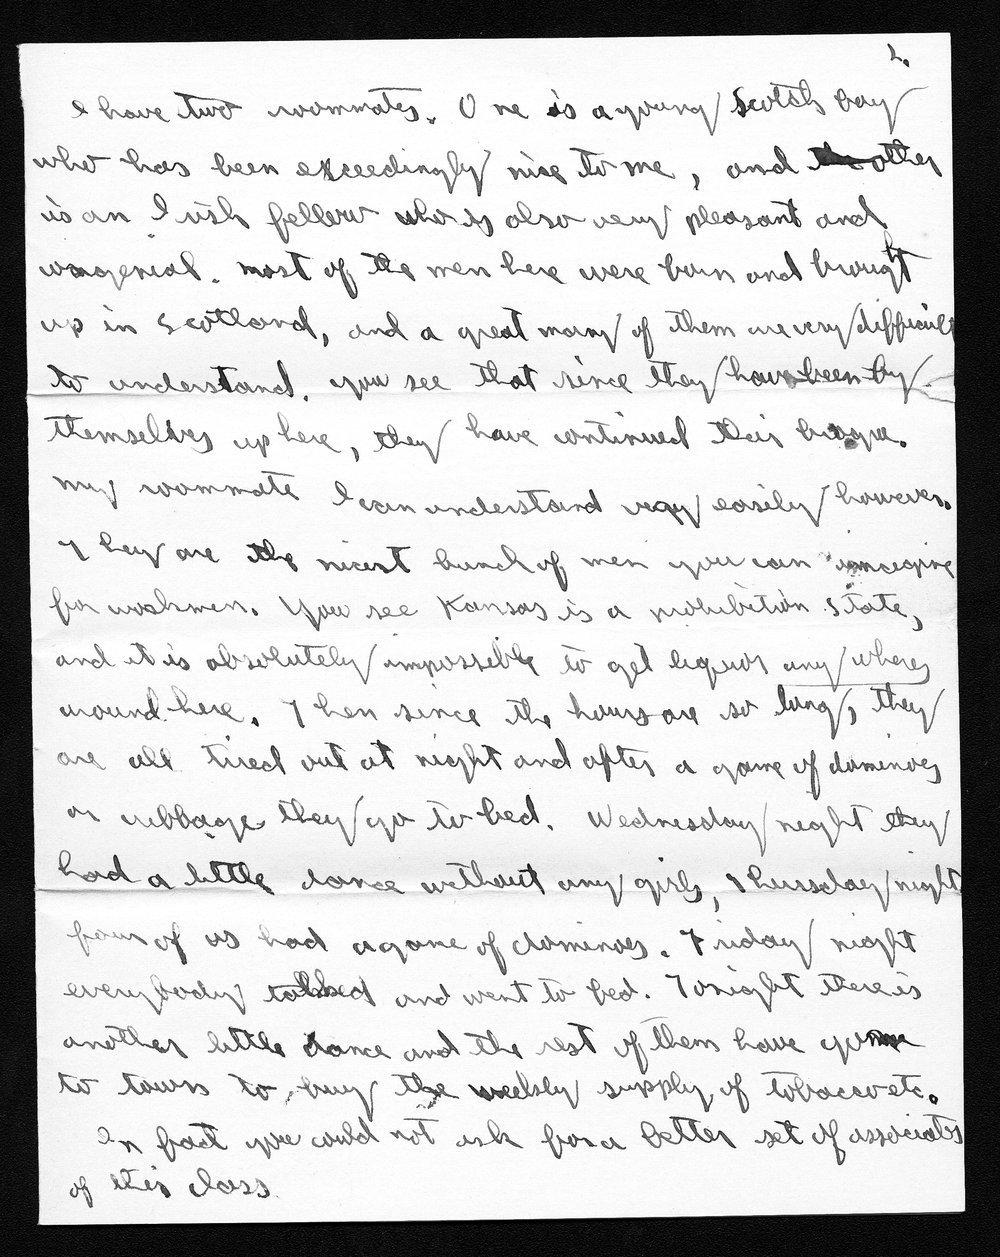 Harry Fine correspondence - 11